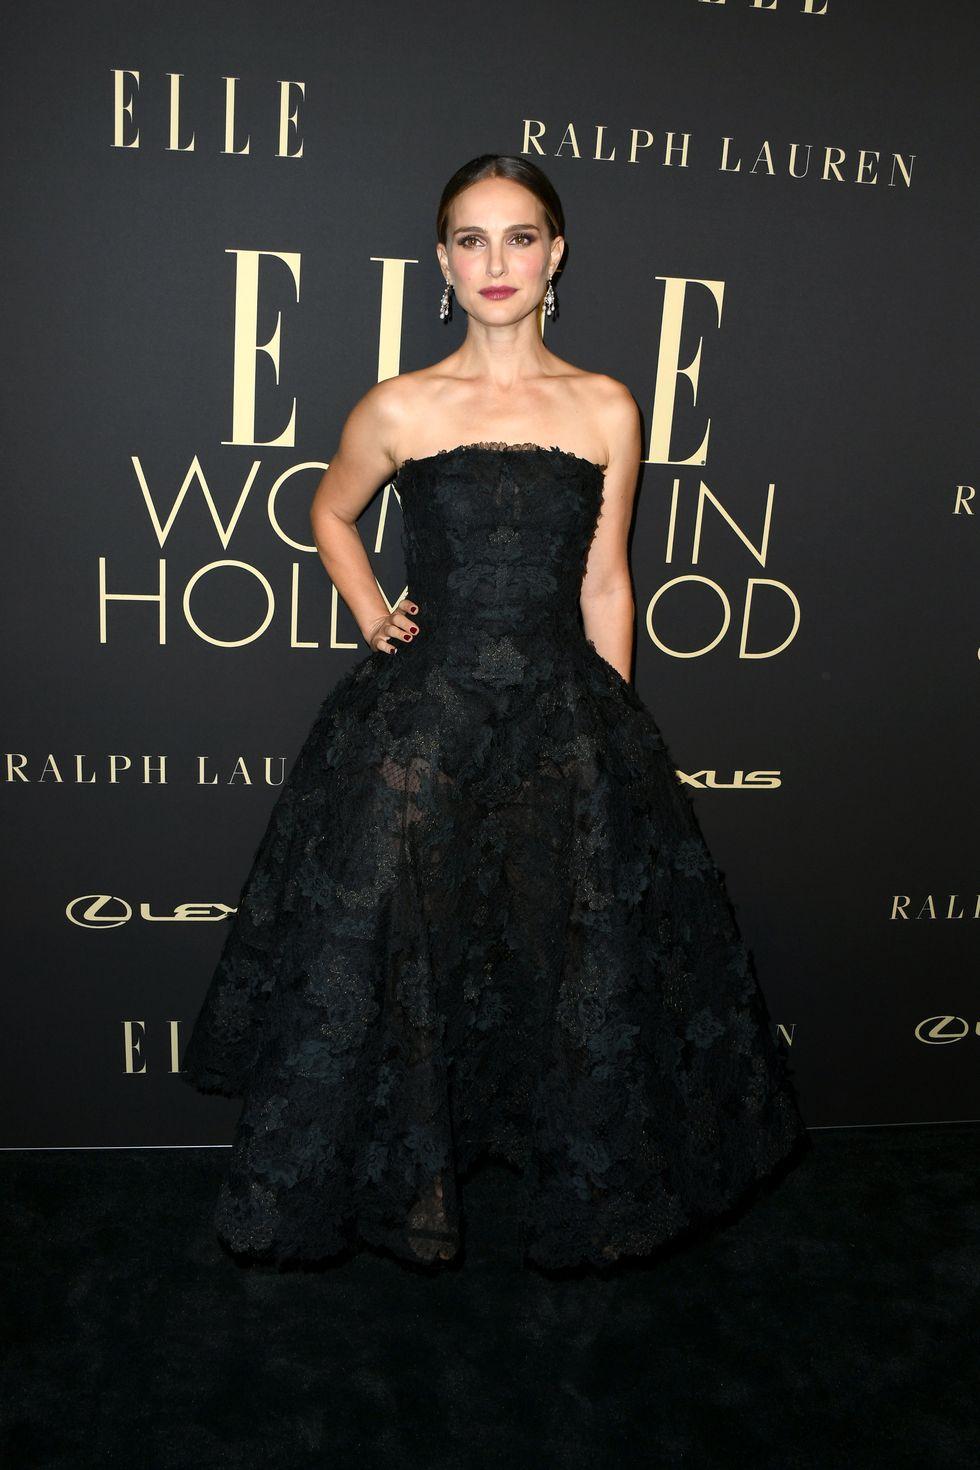 نتالي بورتمان متألقة في فستان باللون الأسود من ديور